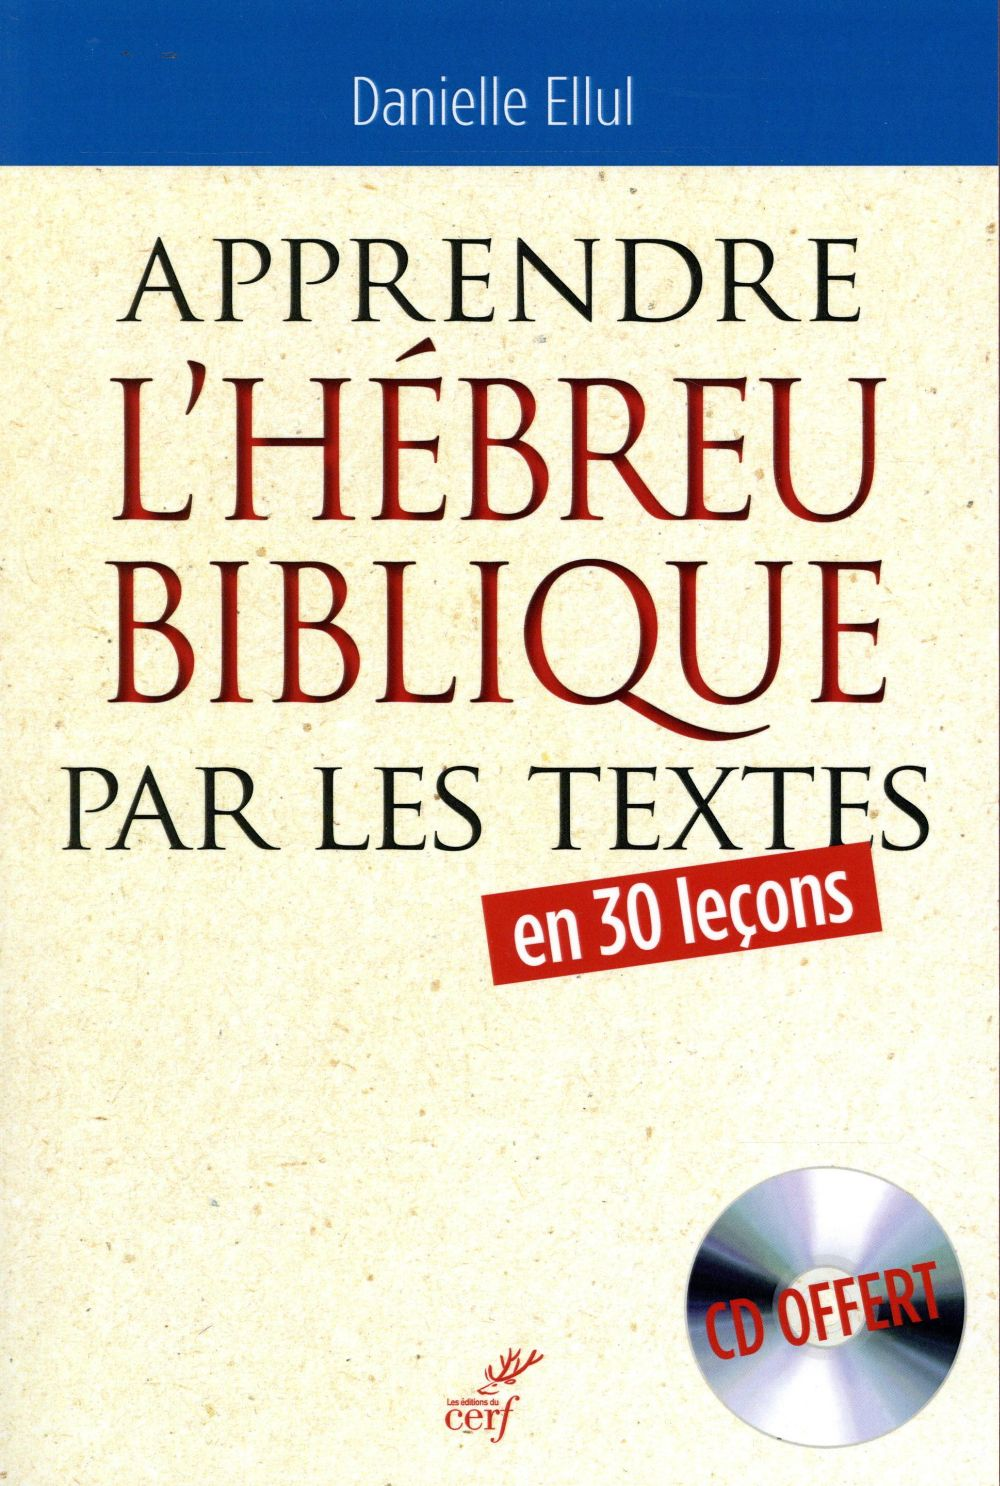 APPRENDRE L-HEBREU BIBLIQUE PAR LES TEXTES